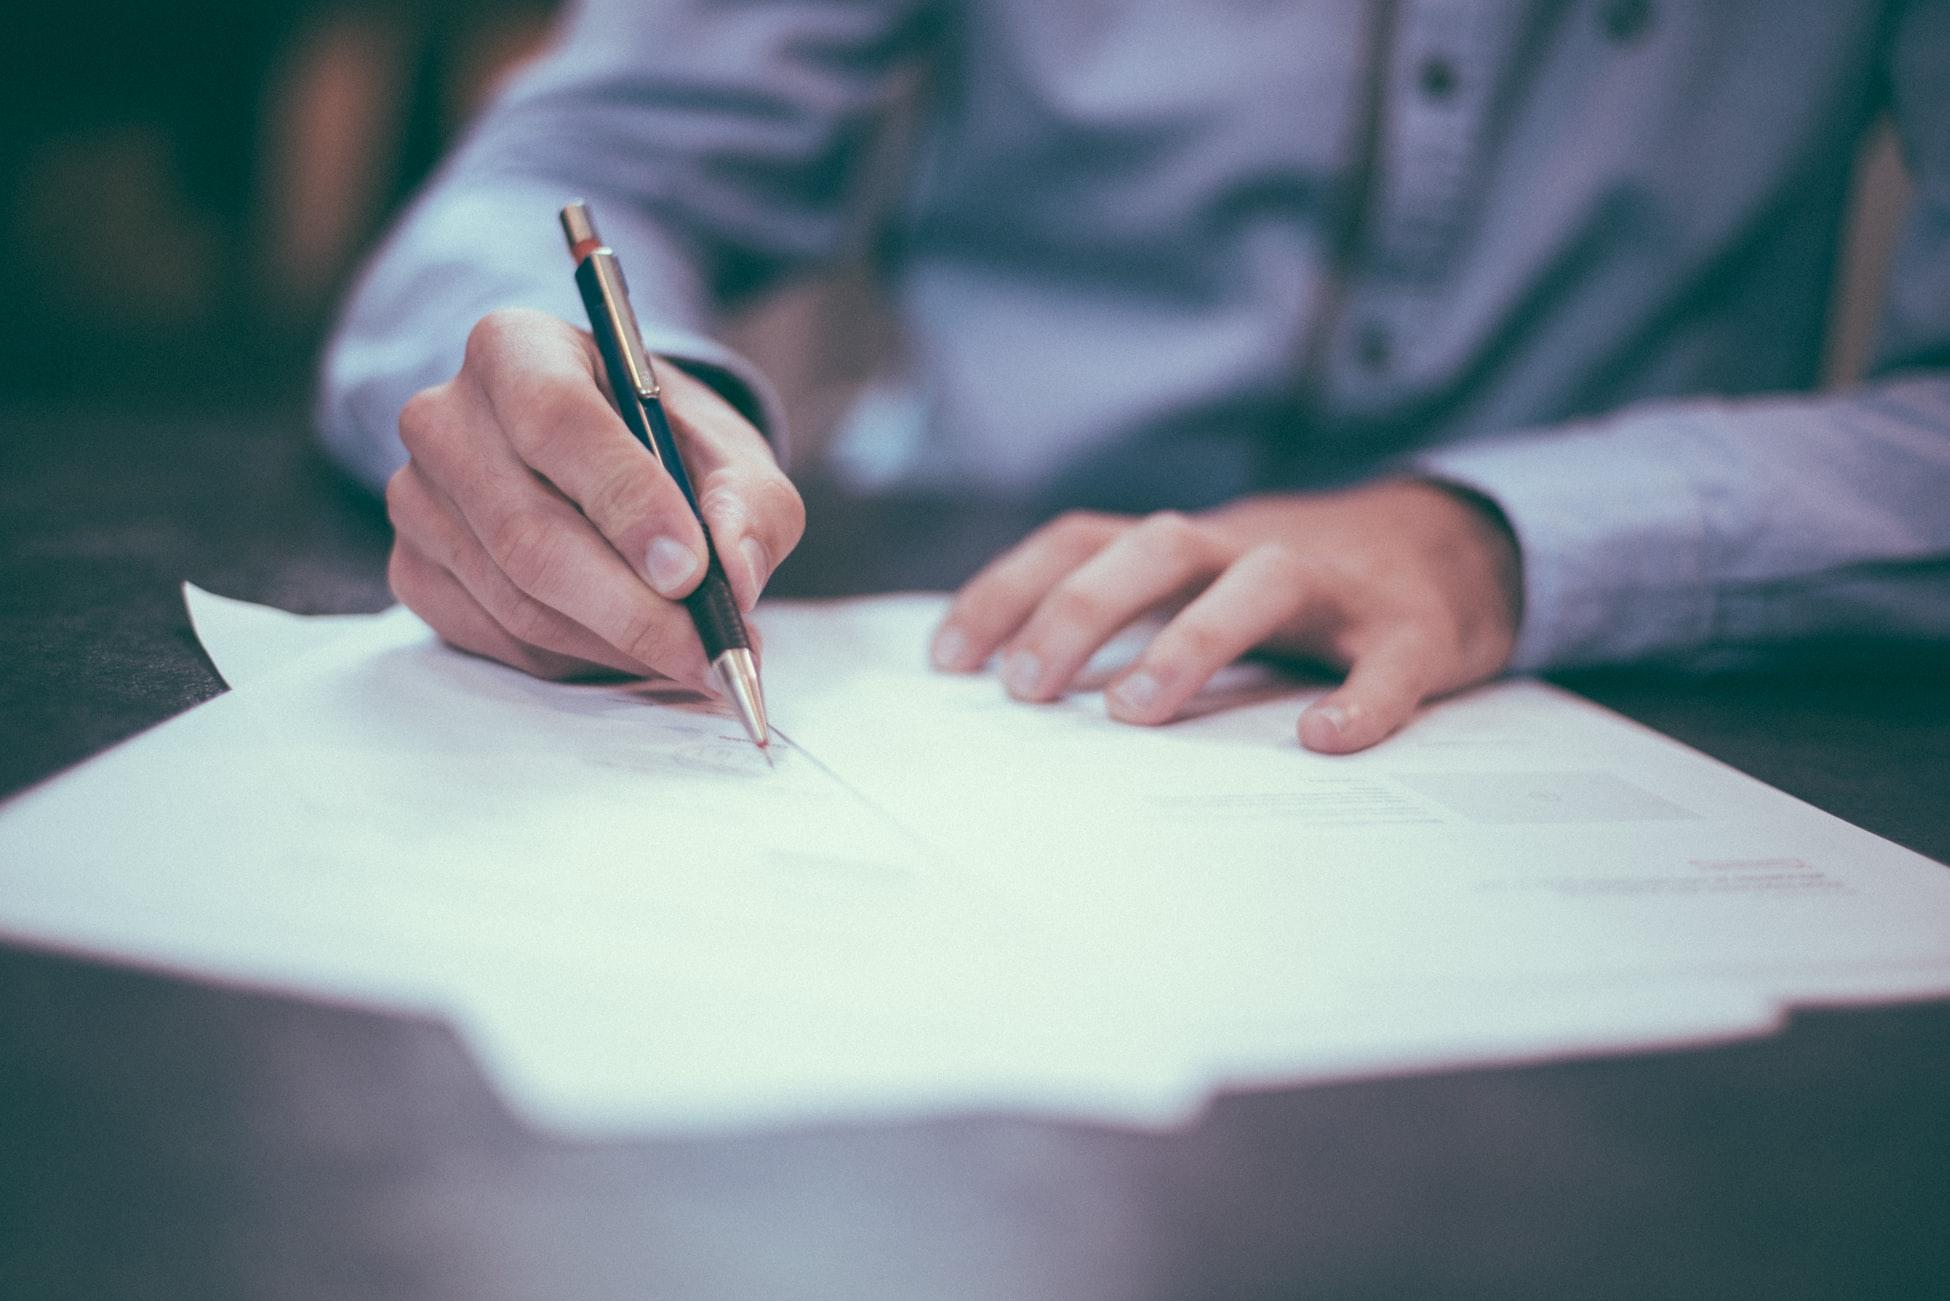 保険営業マンに説明されるがままに保険に契約する新社会人